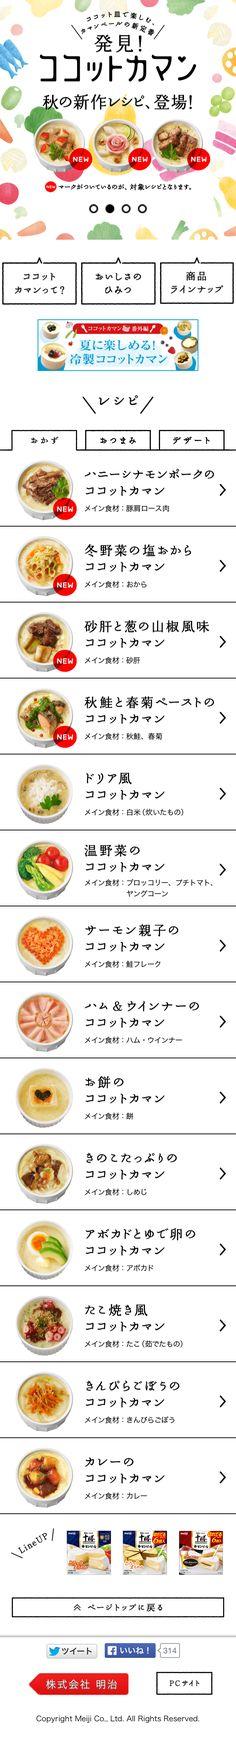 スマートフォンサイト Ui Ux Design, Interface Design, Site Design, Ad Design, Brochure Design, Layout Design, Web Japan, Mobile Web Design, Web Banner Design